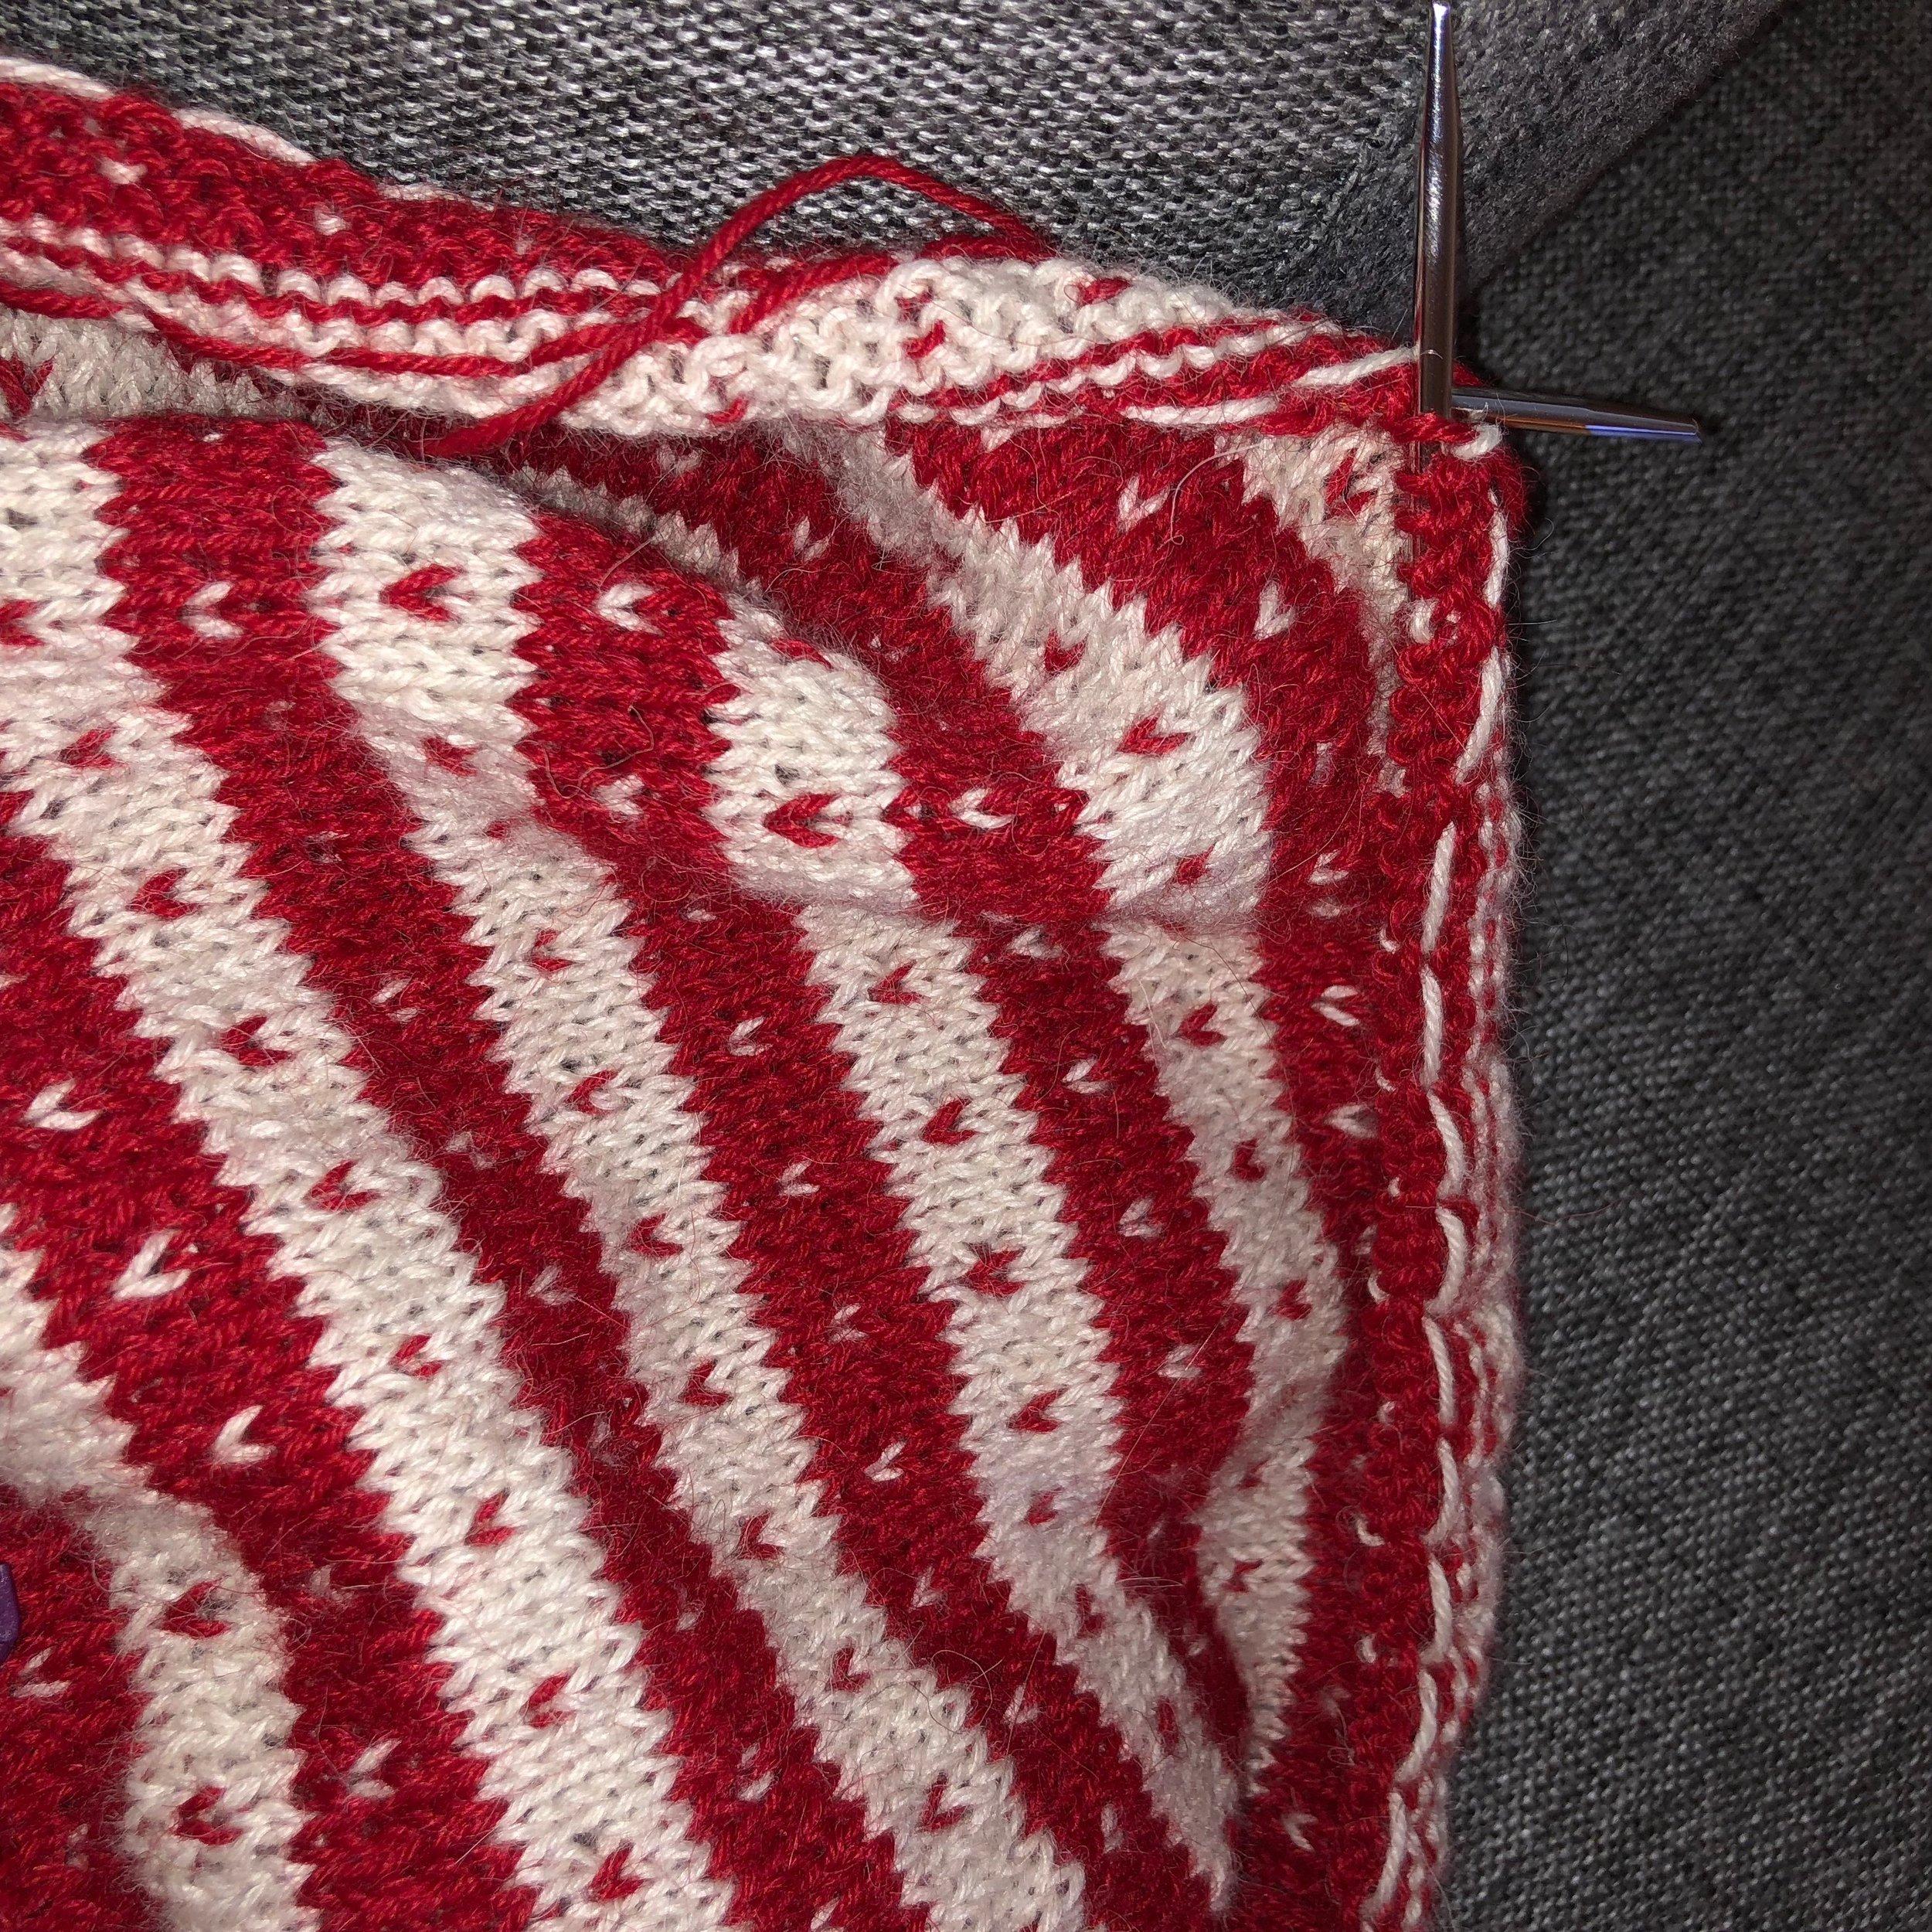 Fanagenser! Får håpe denne blir litt bedre med strikkefasthet og alt, vi får bare prøve. Kommet litt lenger nå, ikke så lenge igjen til jeg er ferdig med første arm!